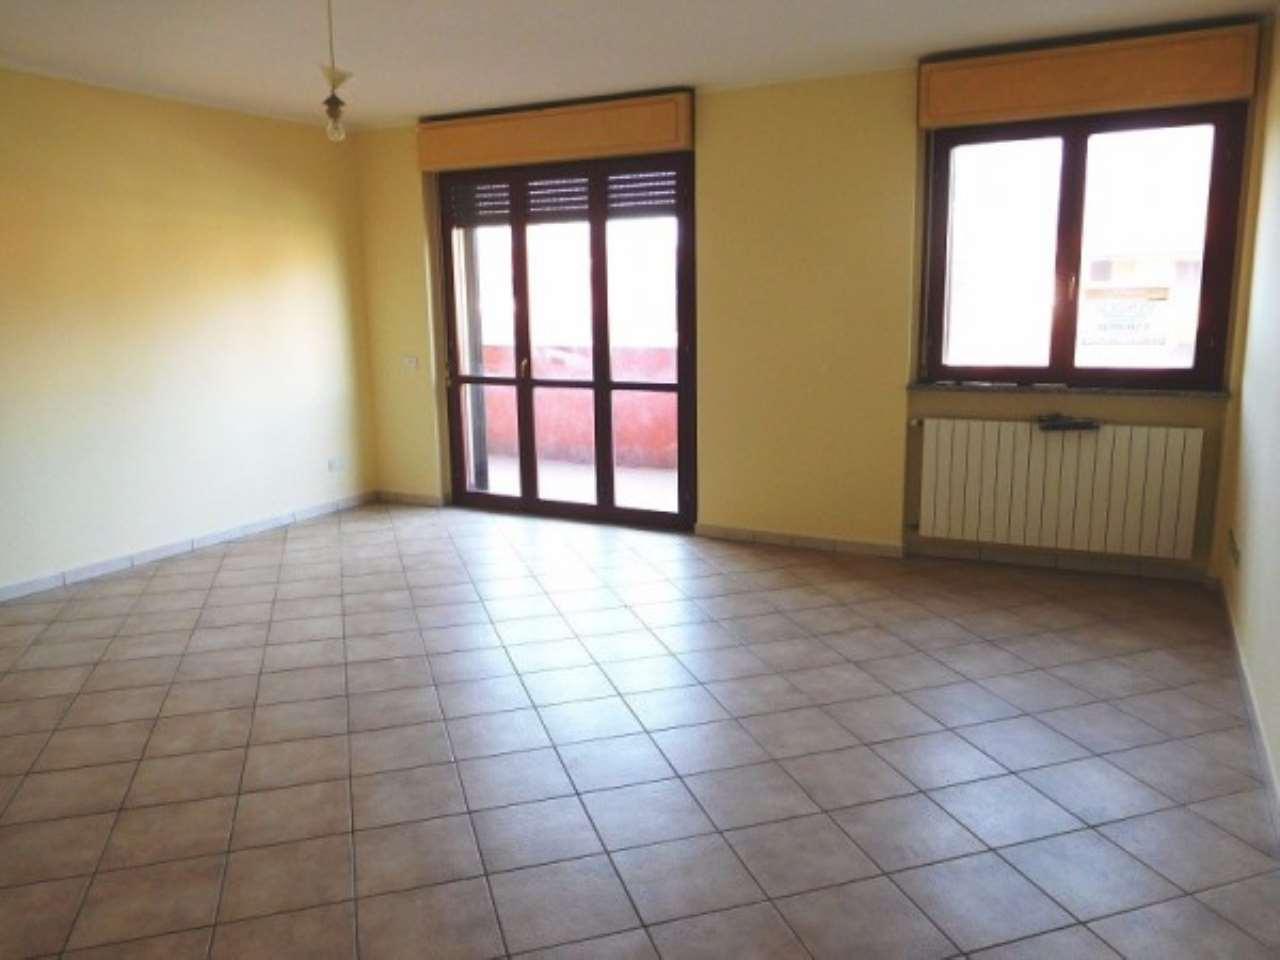 Appartamento in vendita a Motta Visconti, 3 locali, prezzo € 125.000 | Cambio Casa.it